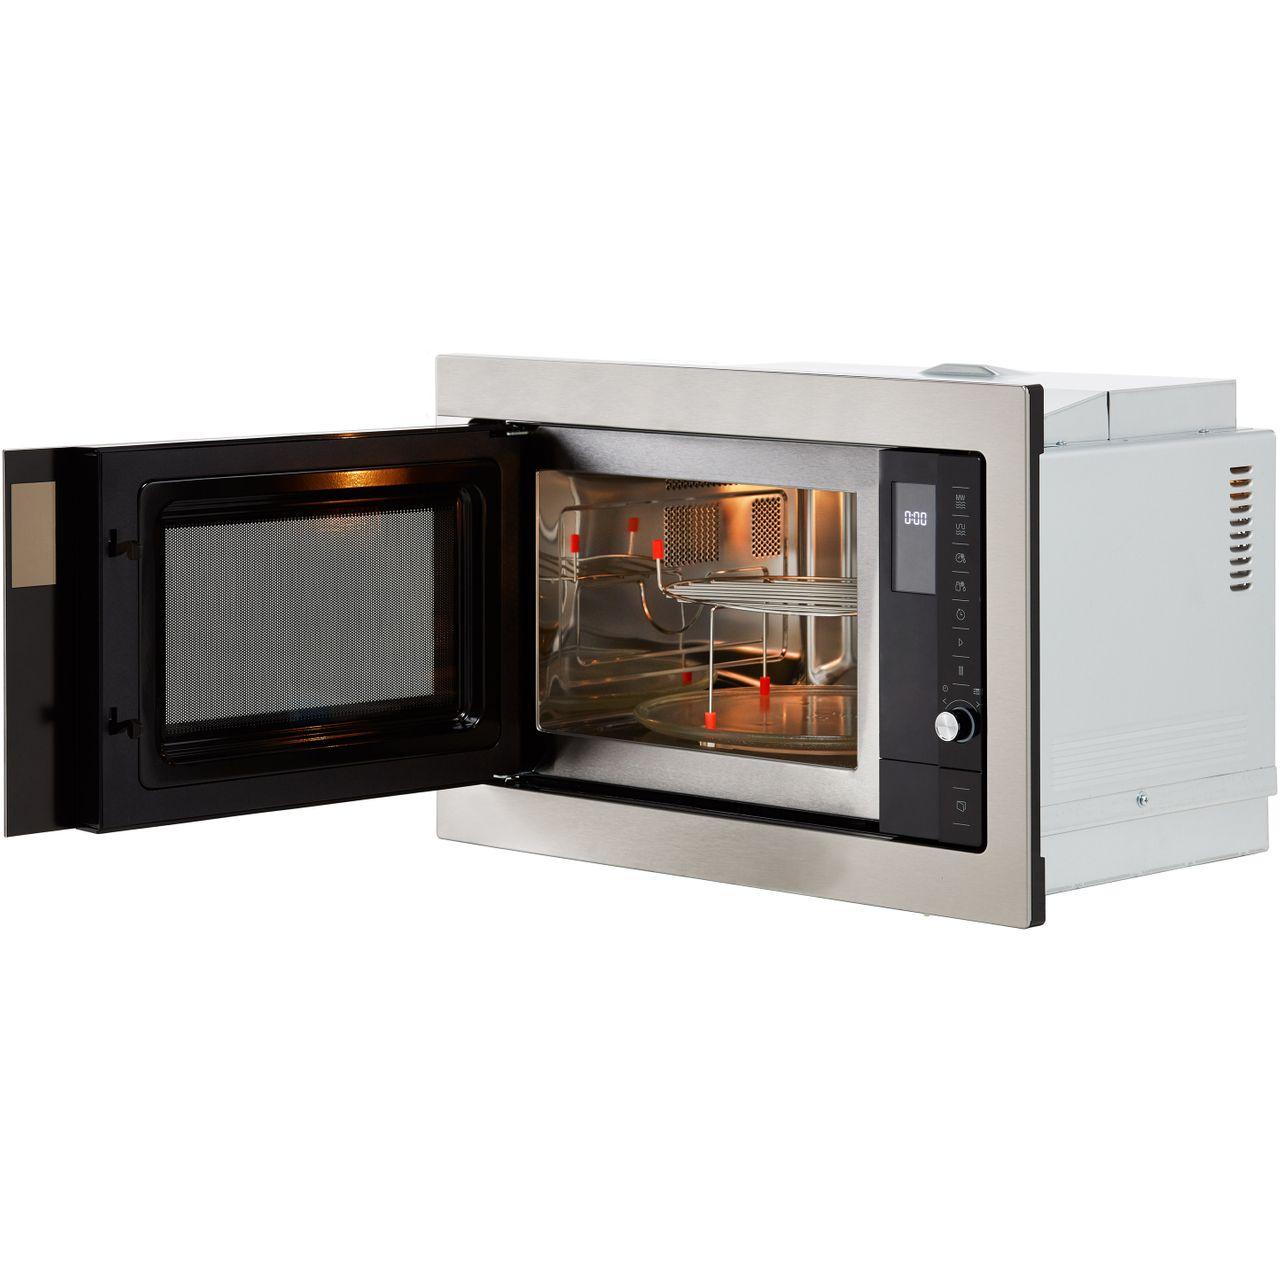 Beko Built In Microwave   ao